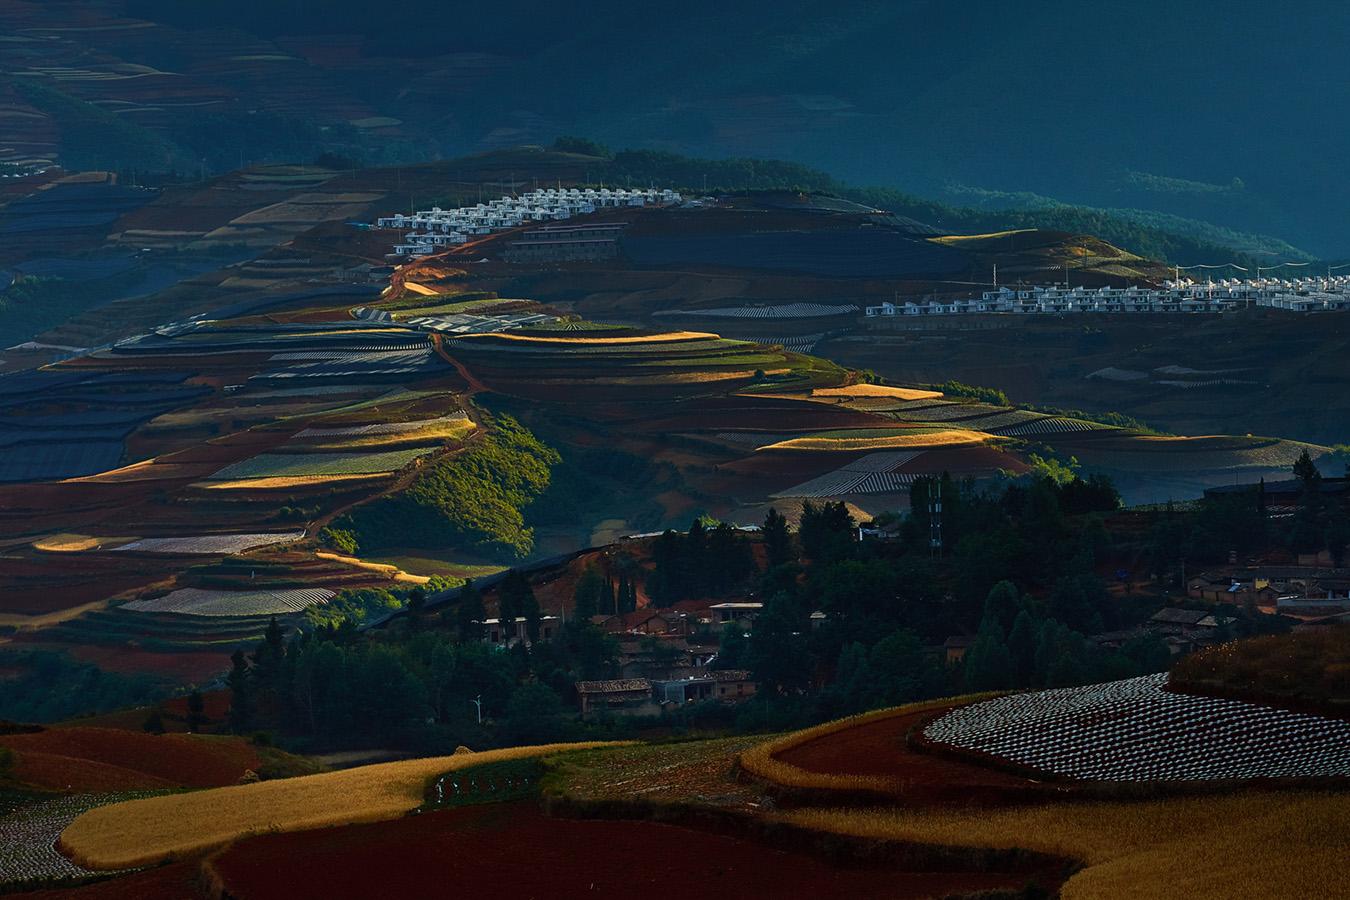 李达明作品:红土地上的扶贫房